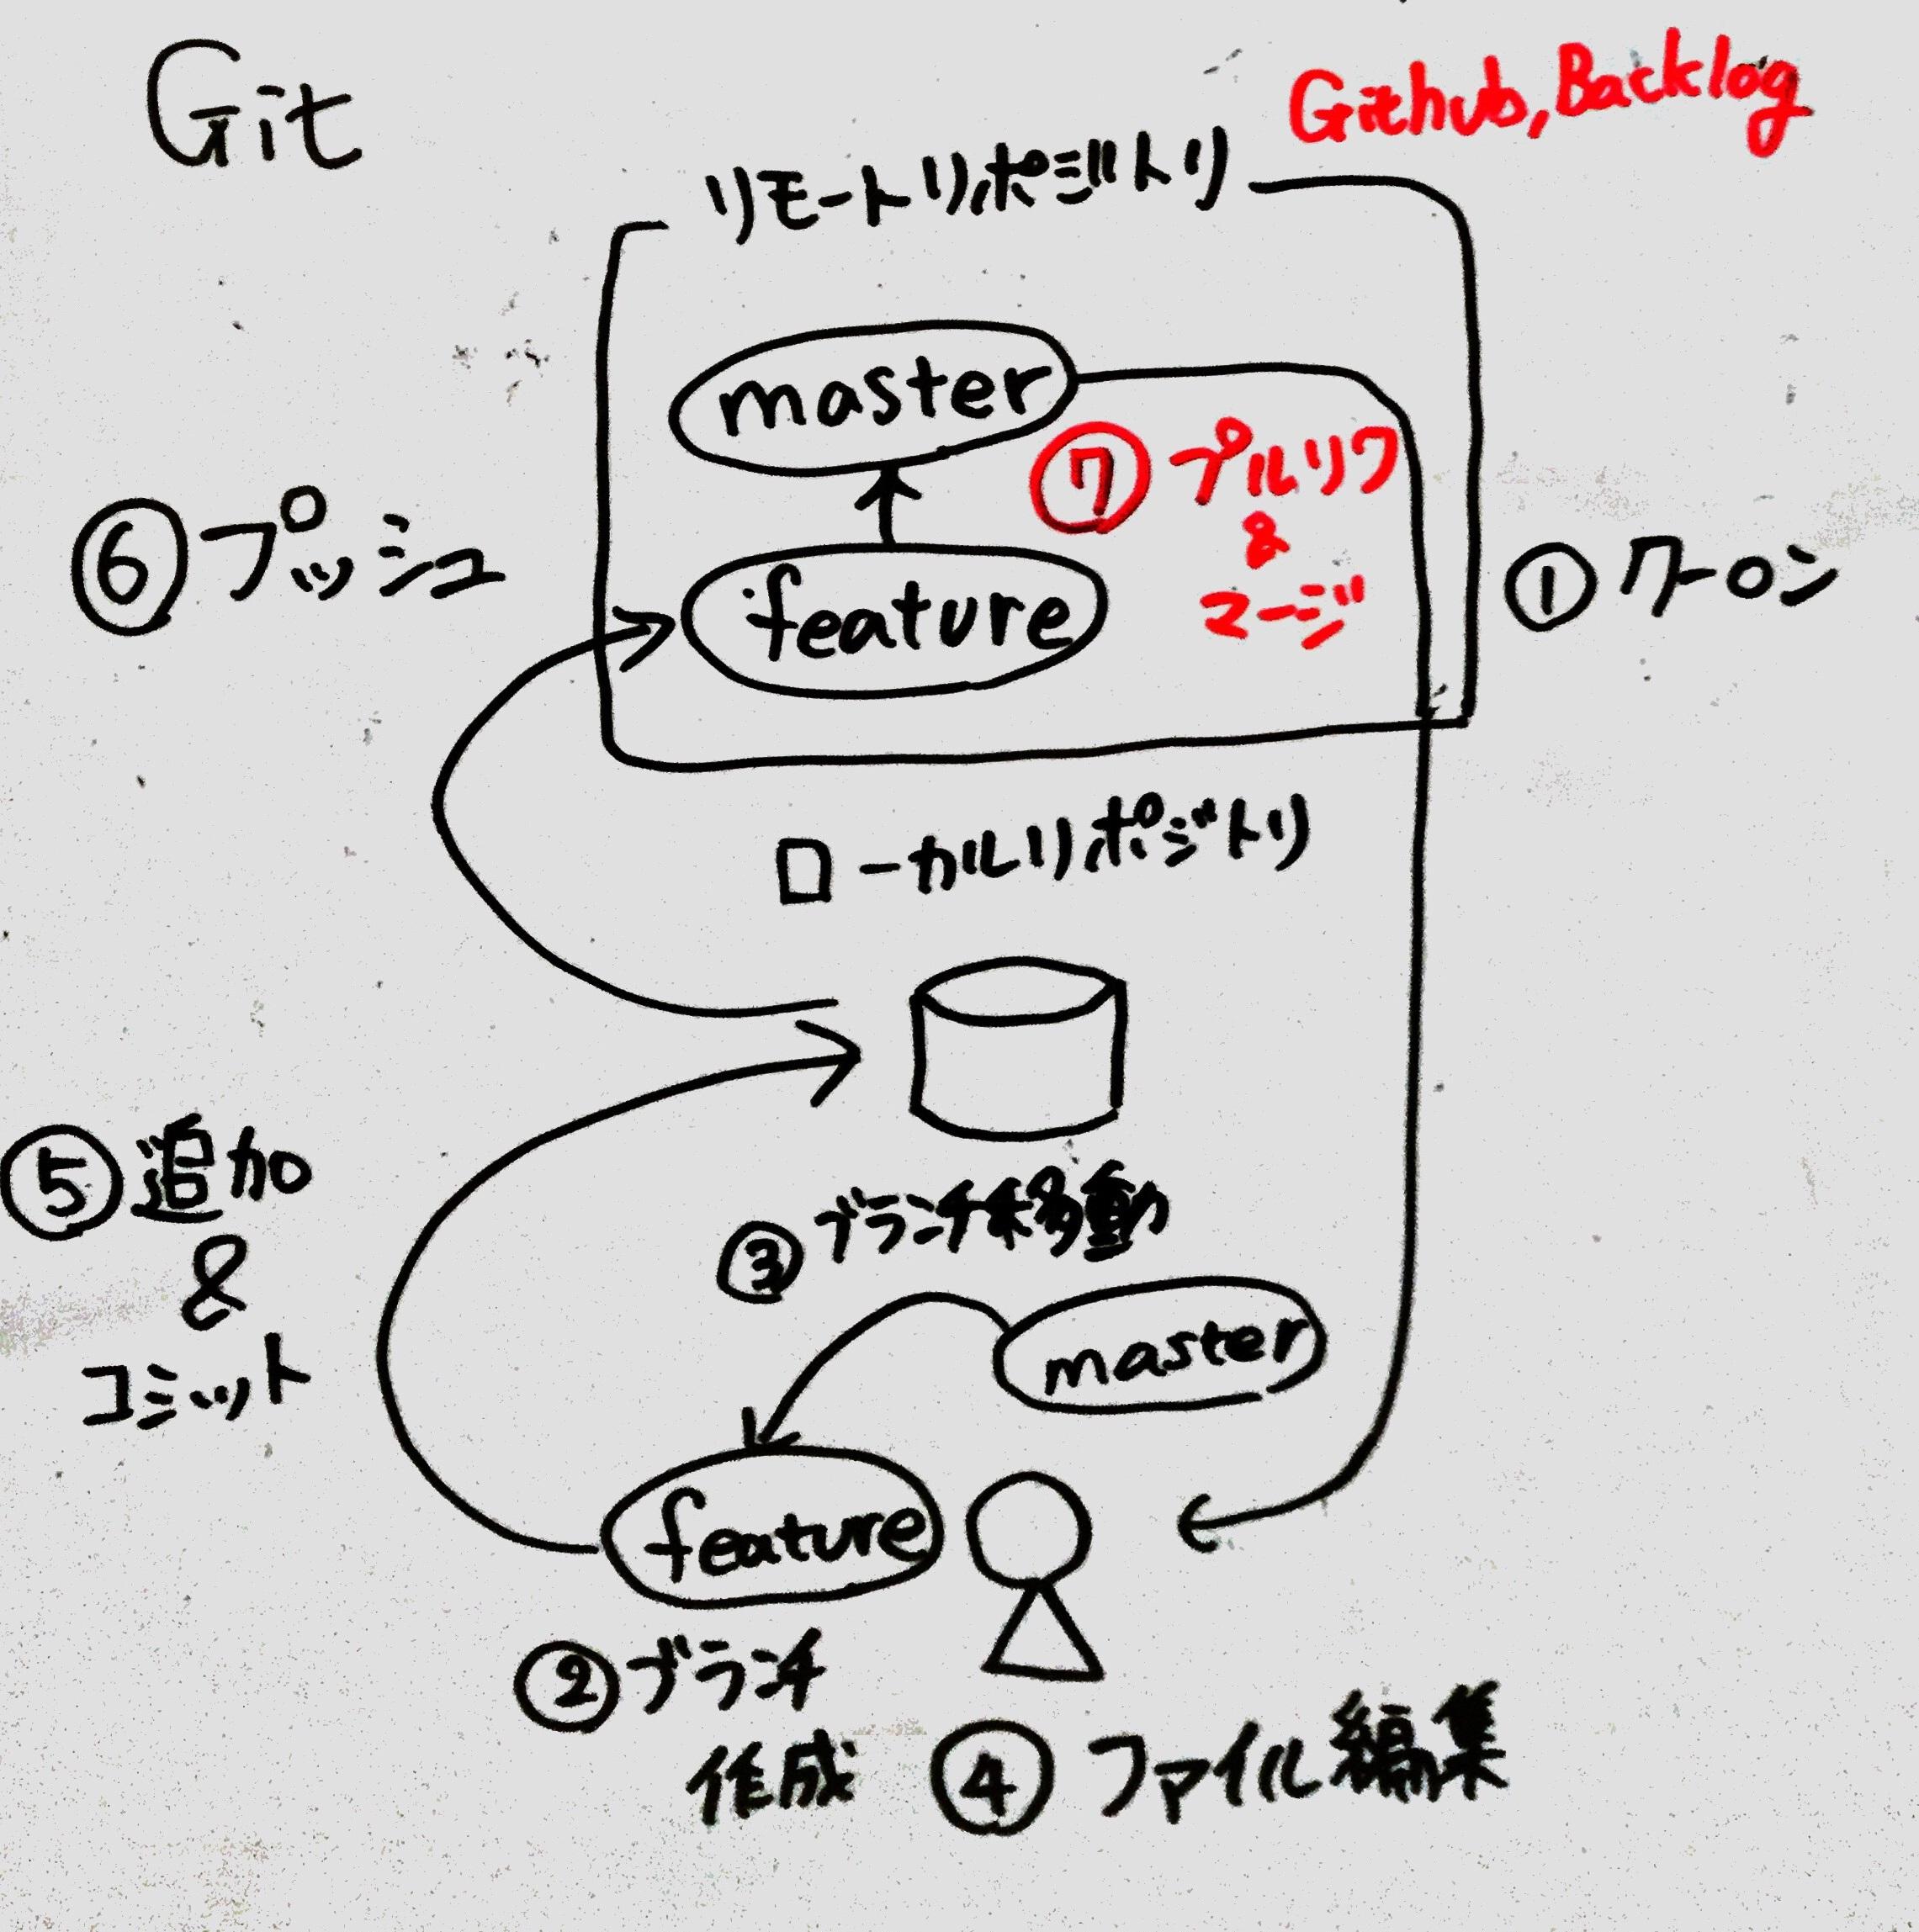 Git2.jpg